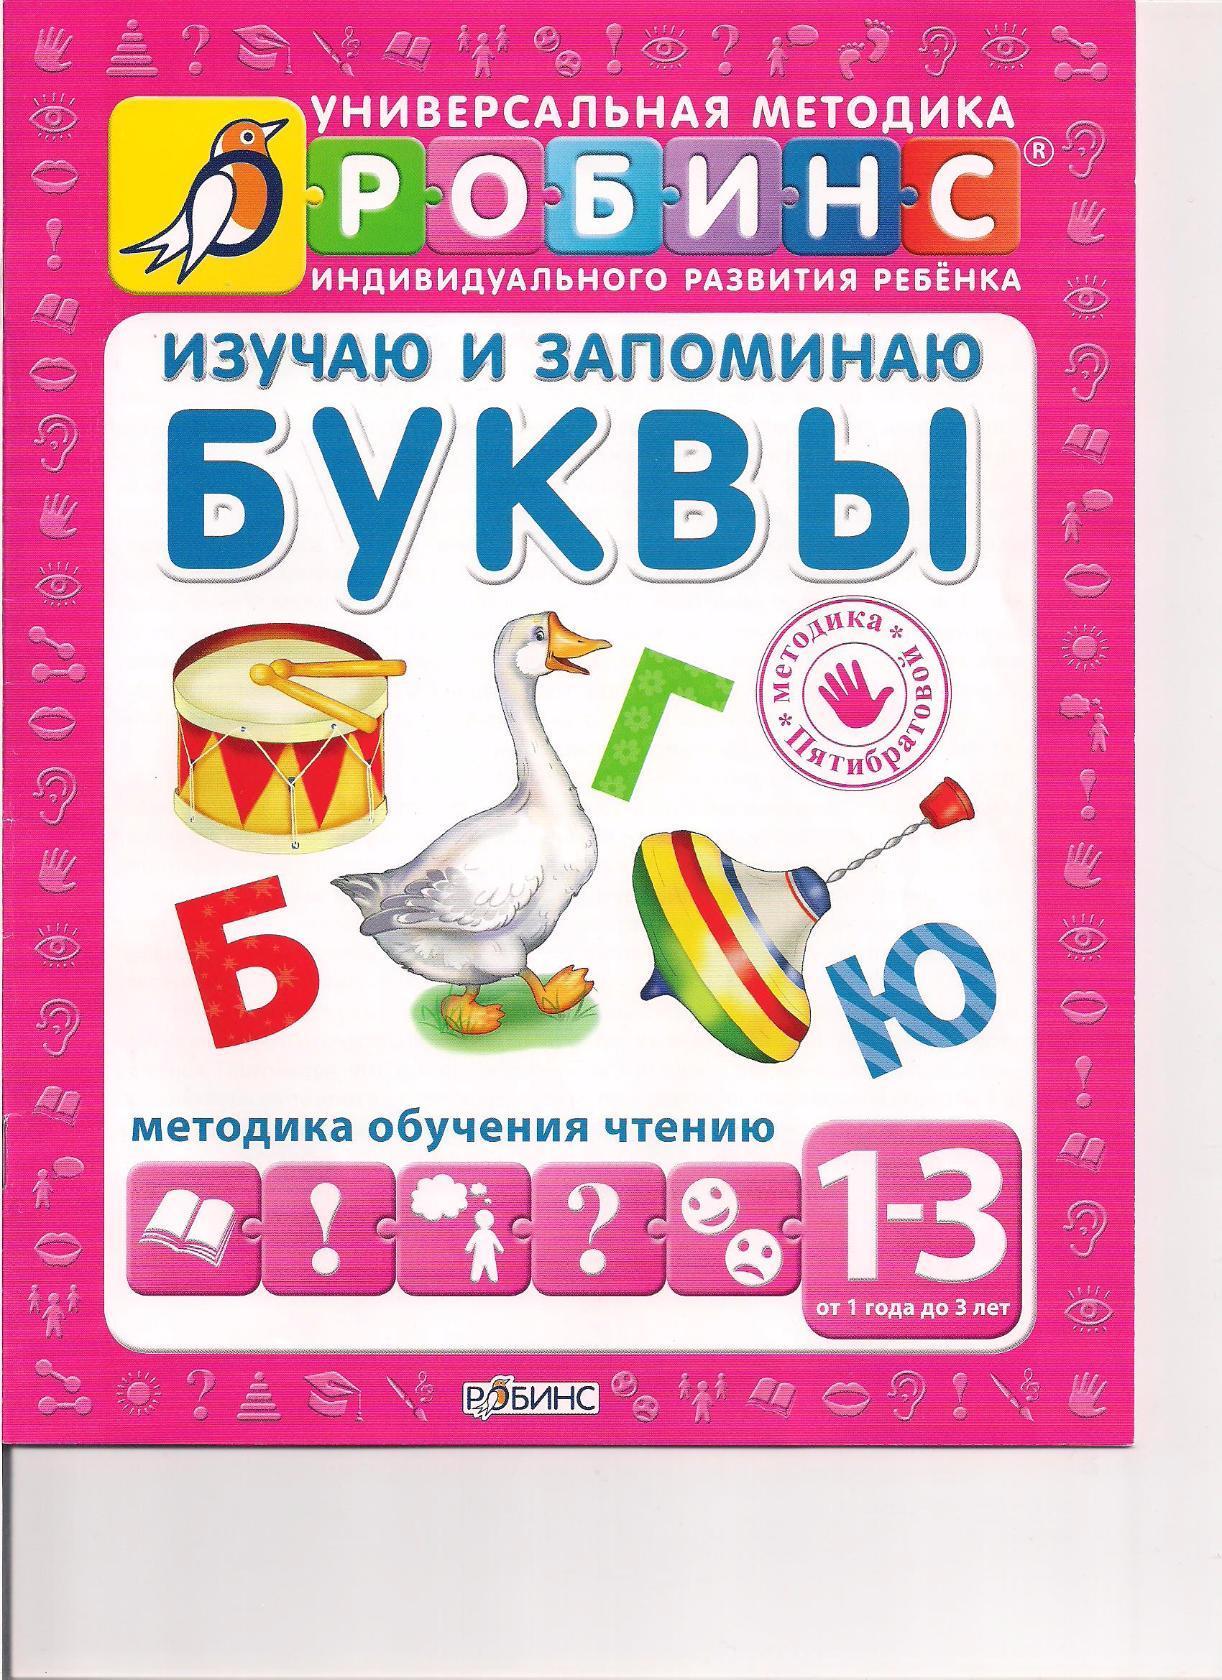 Игровой набор для обучения чтению